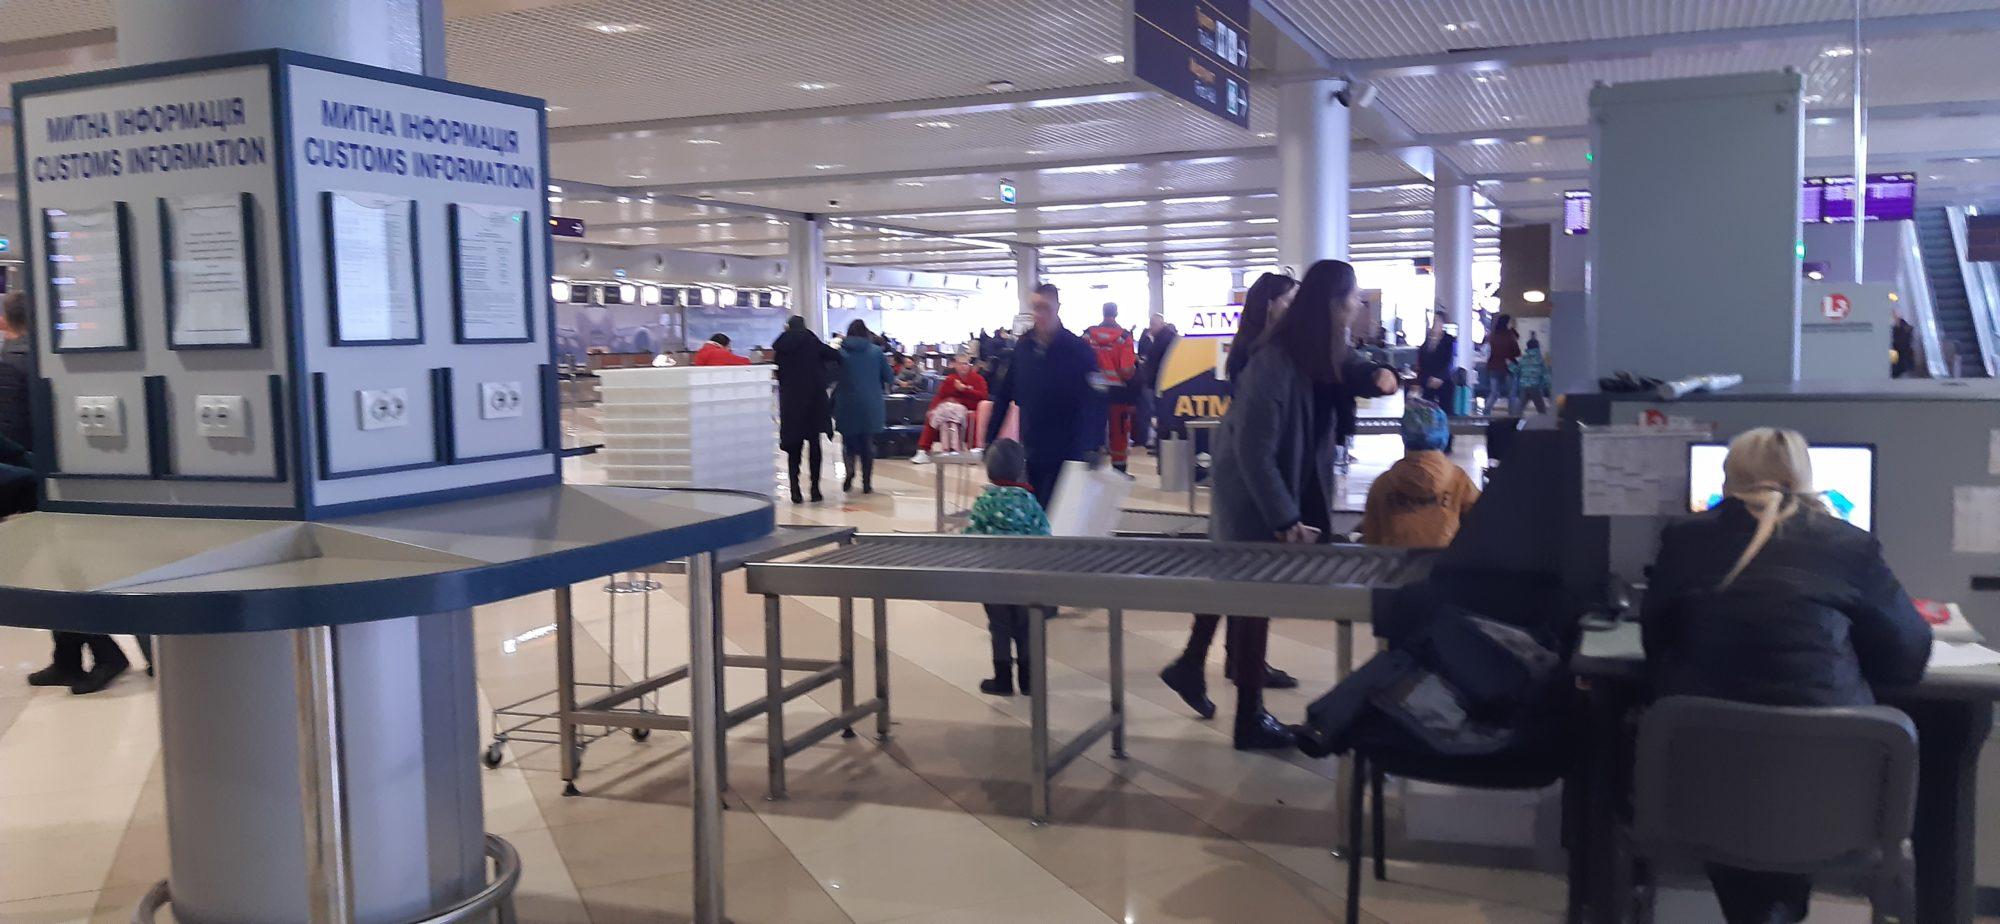 Україна відновить міжнародне авіасполучення в червні - аеропорт «Бориспіль», авіасполучення - 20200130 125024 2000x924